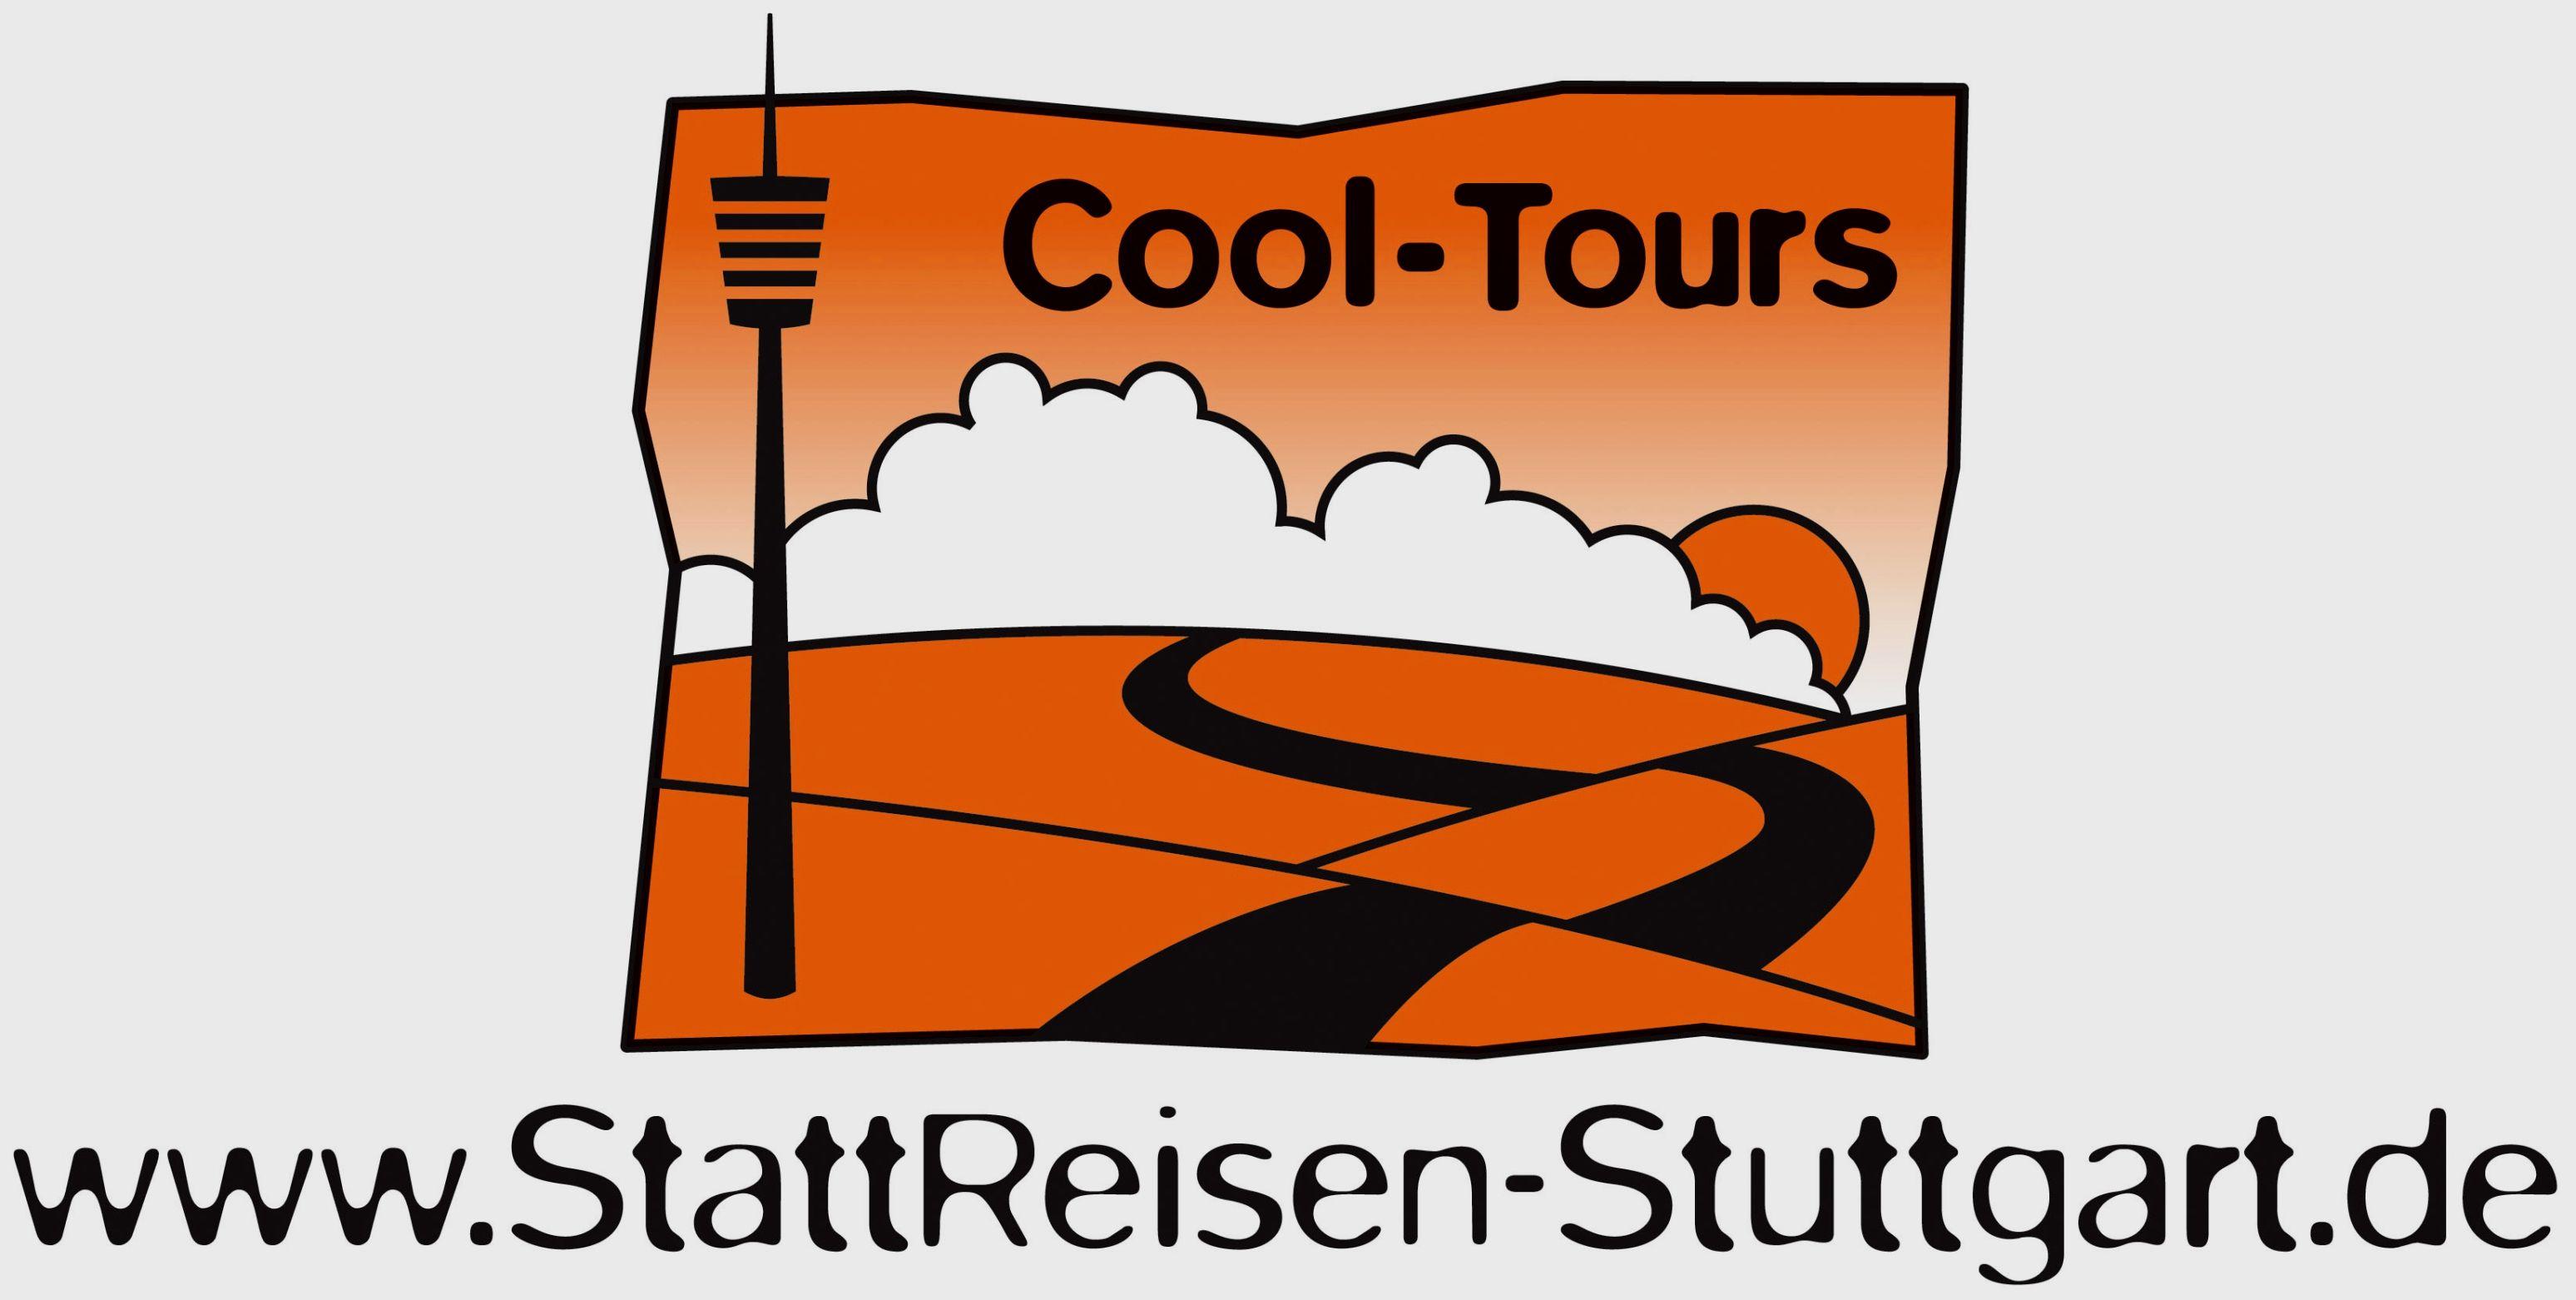 StattReisen Stuttgart